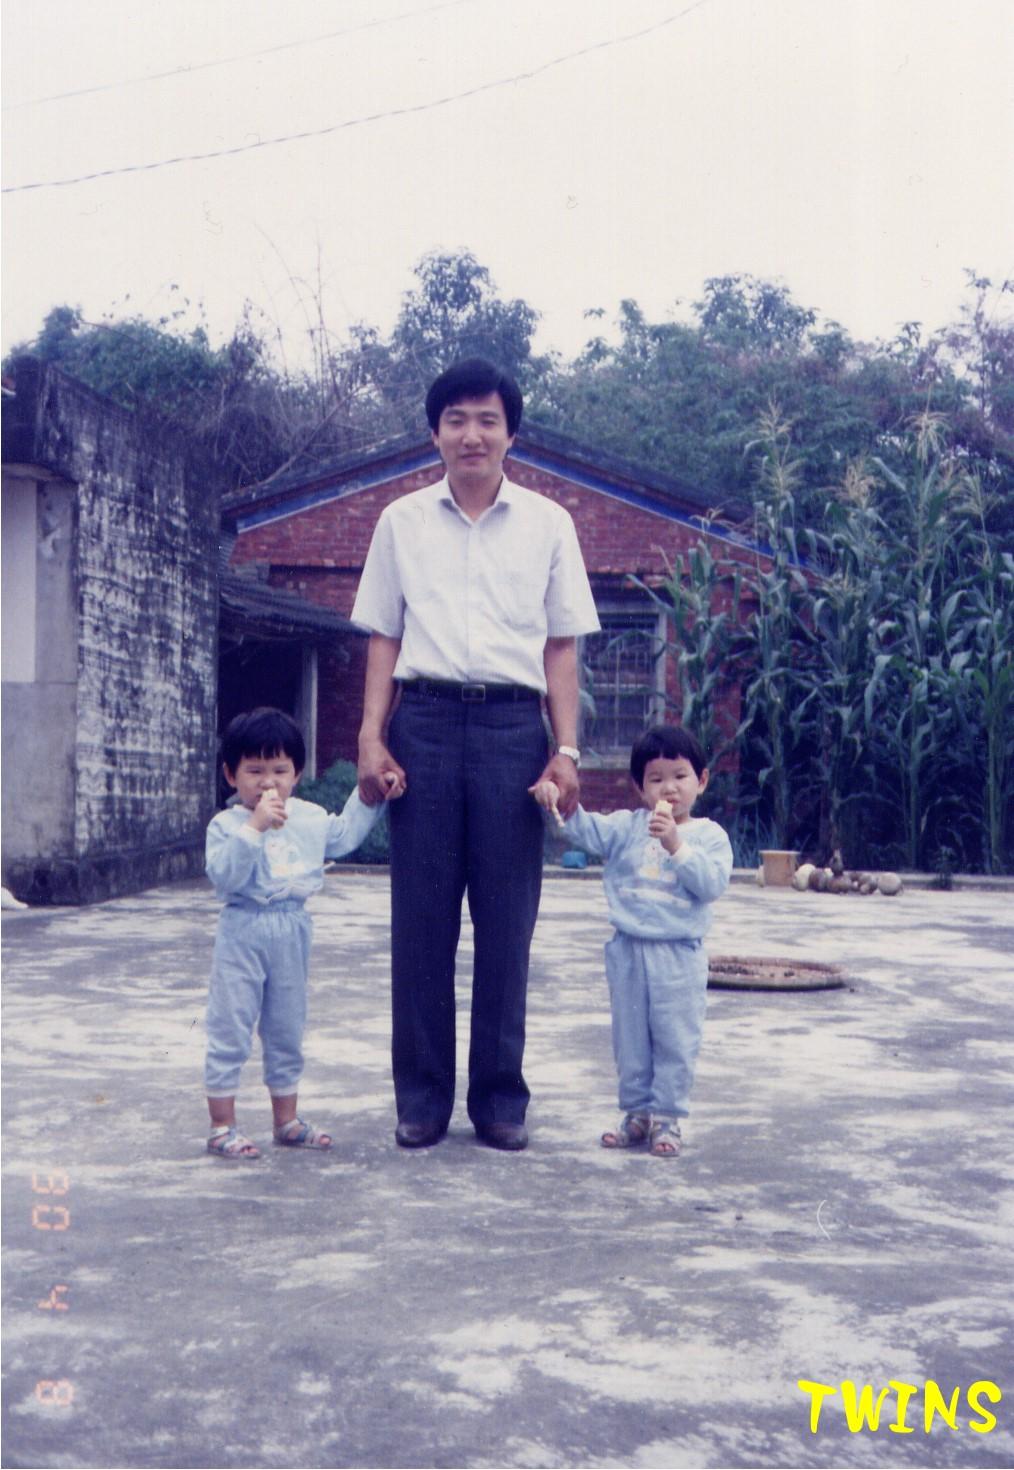 18年前的照片